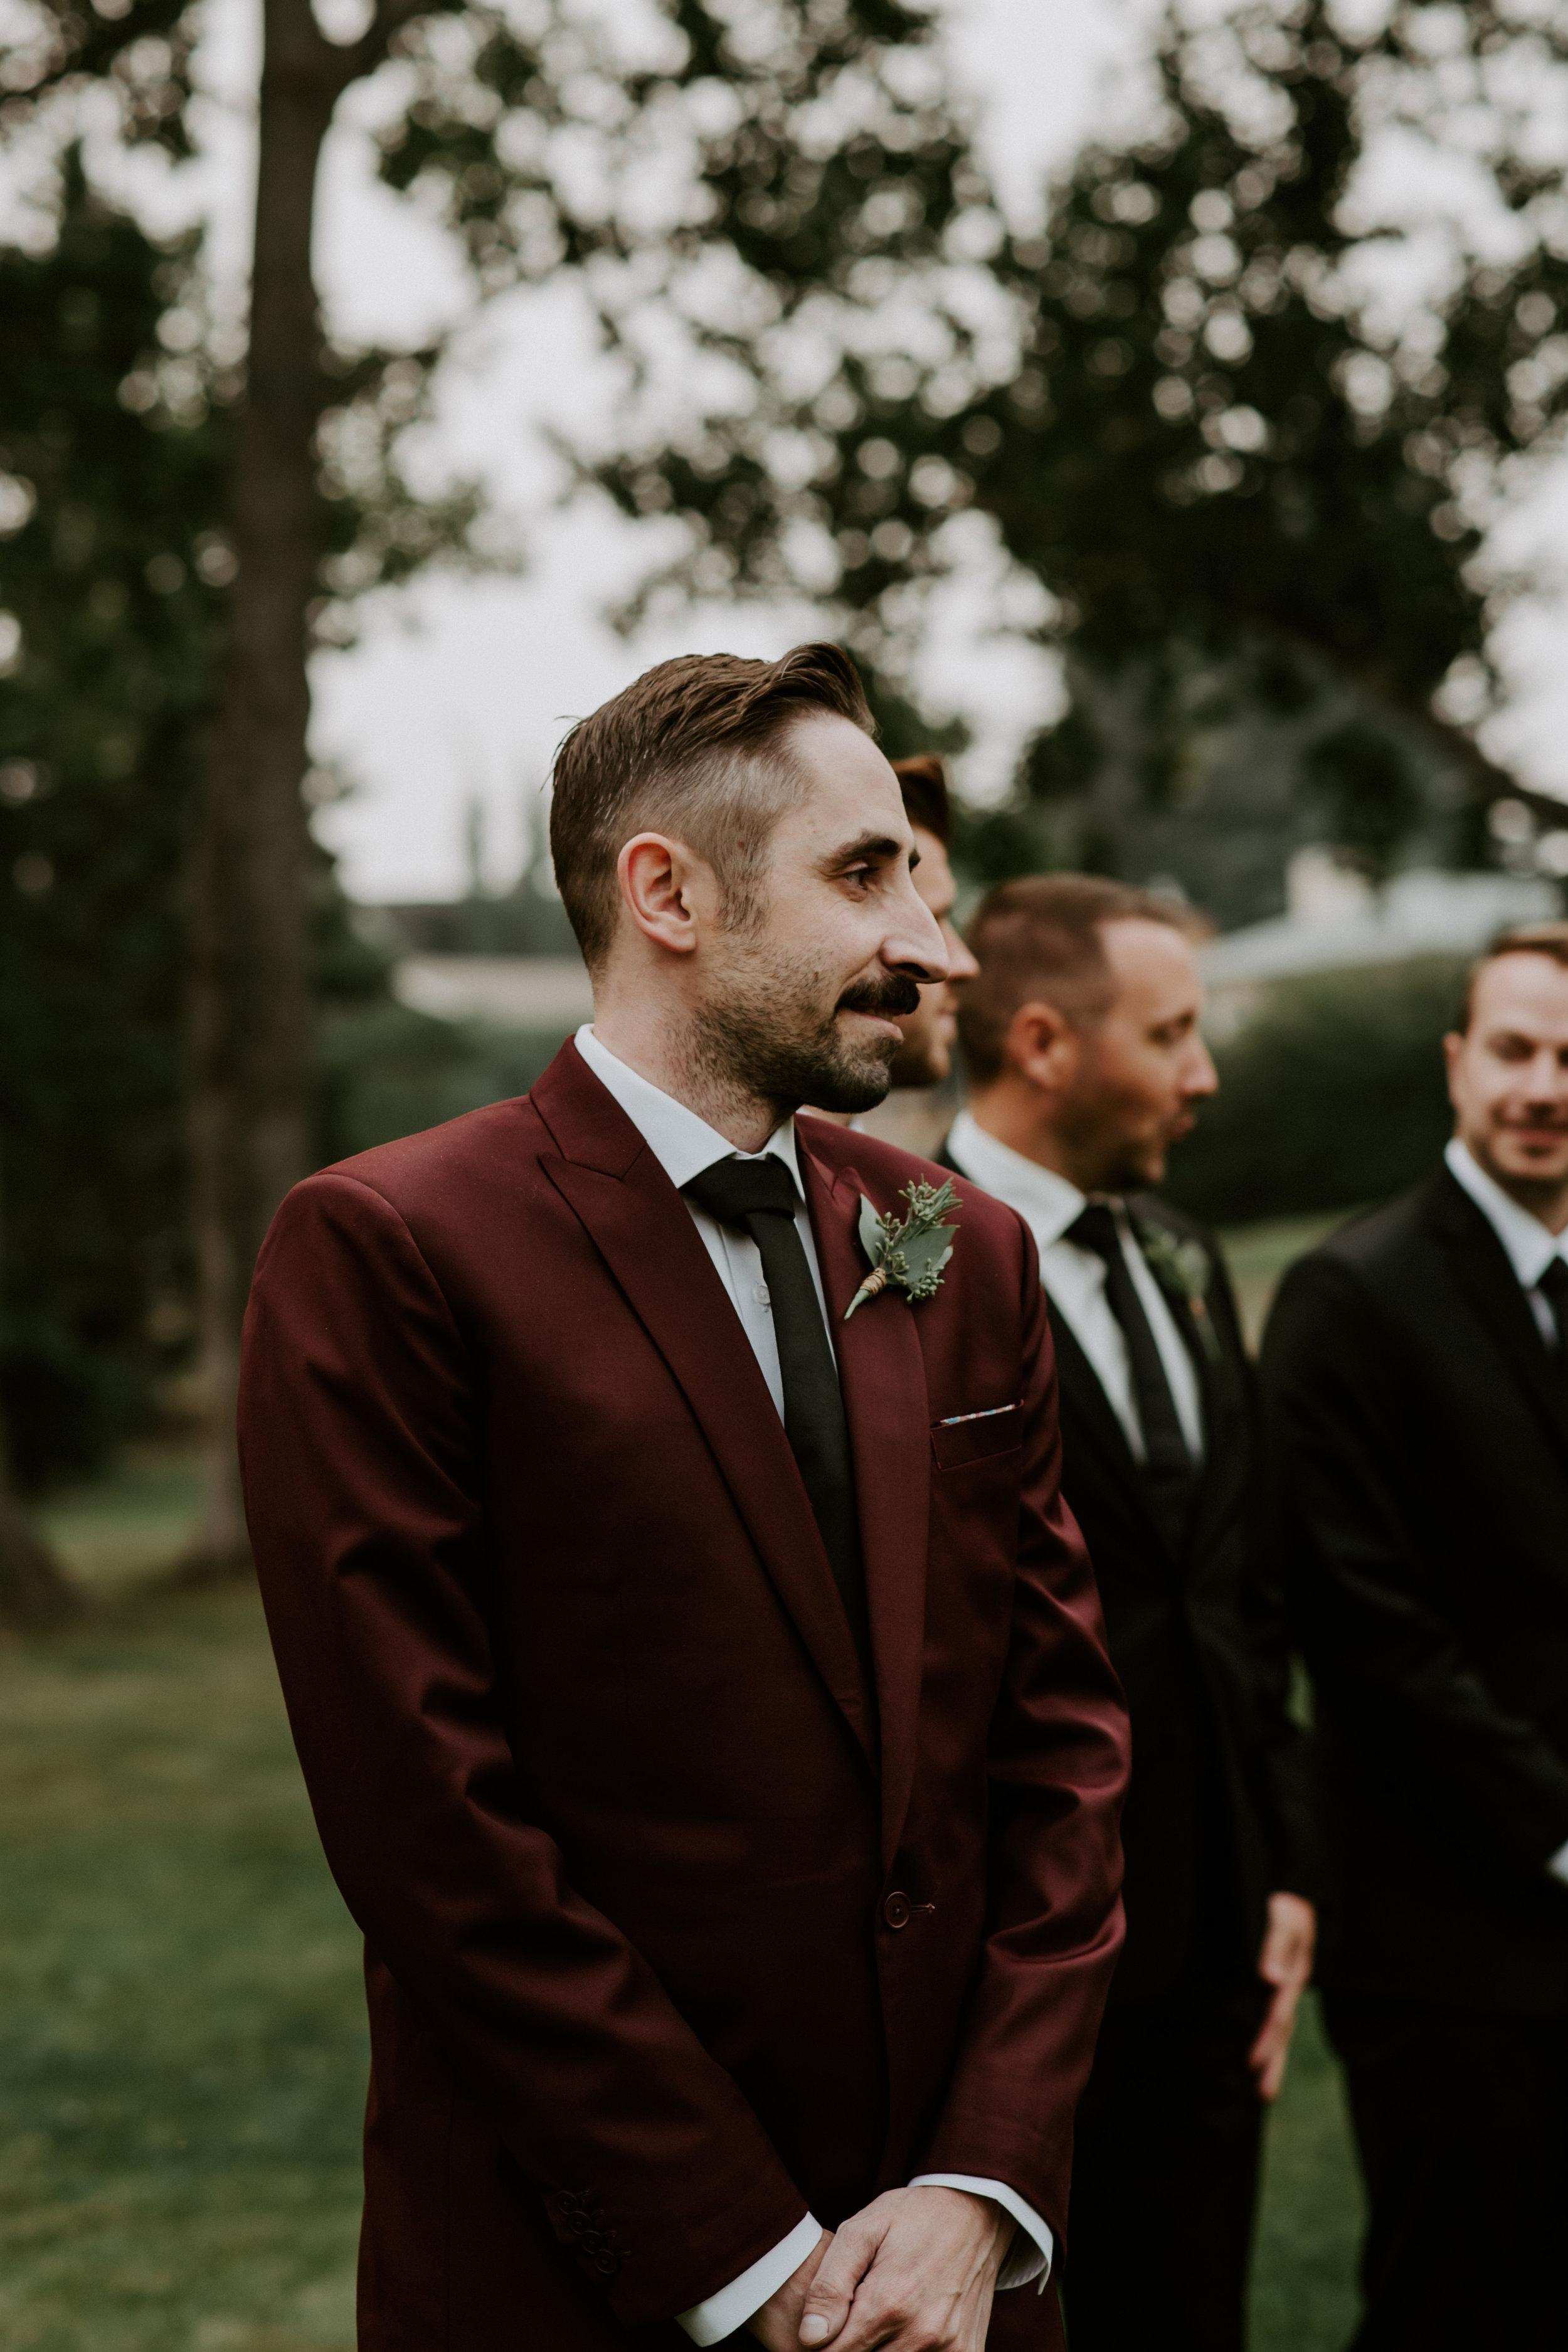 Calgary Wedding Photographer - 16 of 84.jpg